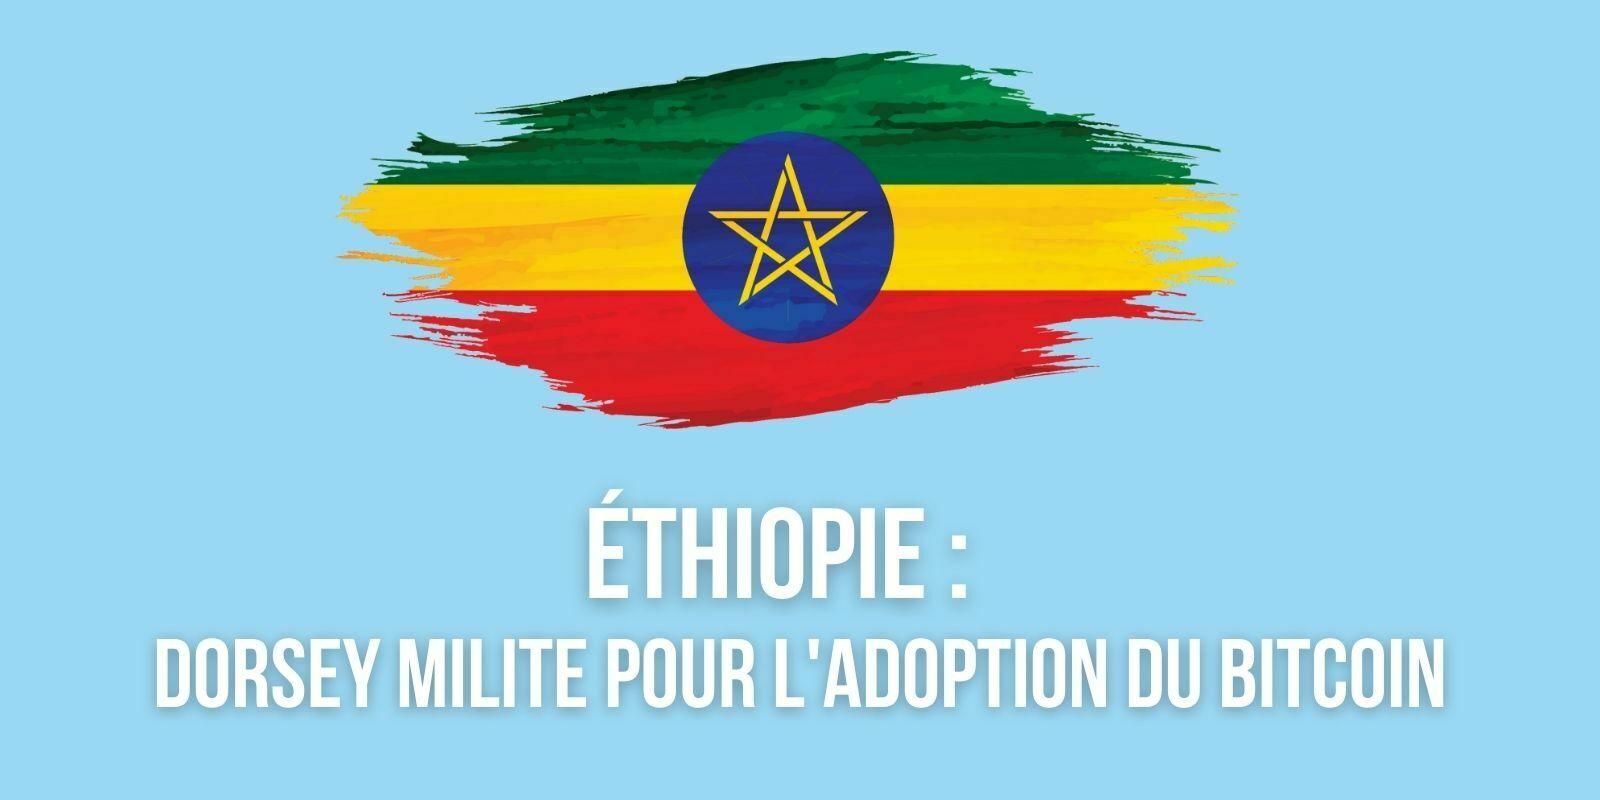 Jack Dorsey encourage l'Éthiopie à adopter le Bitcoin (BTC)